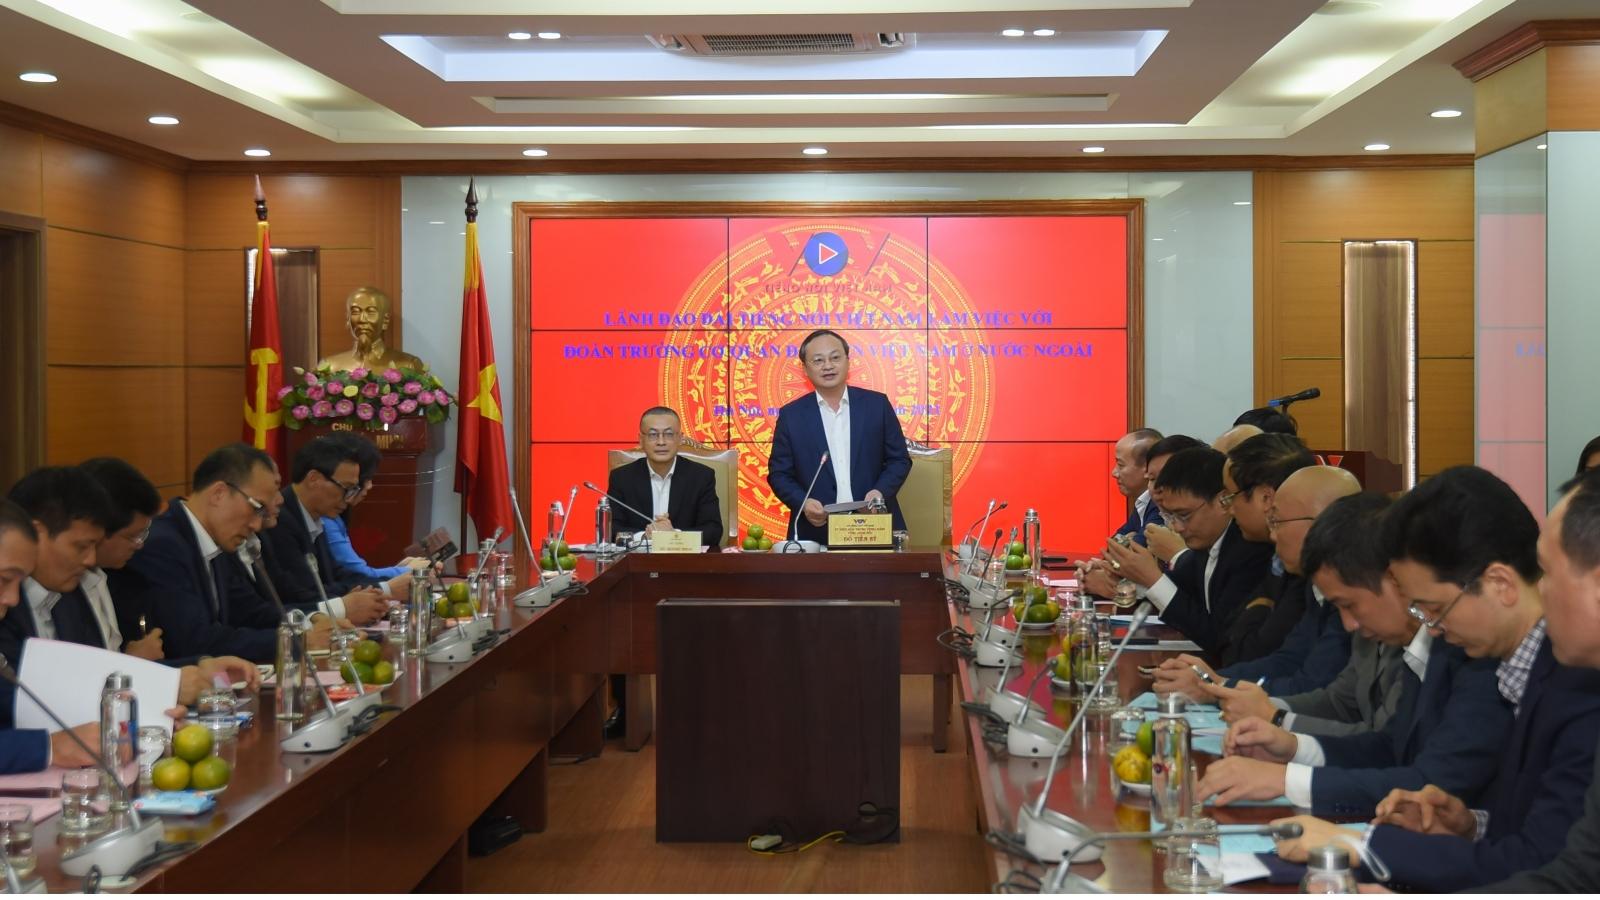 Tổng Giám đốc VOV tiếp Đoàn Trưởng Cơ quan đại diện Việt Nam ở nước ngoài